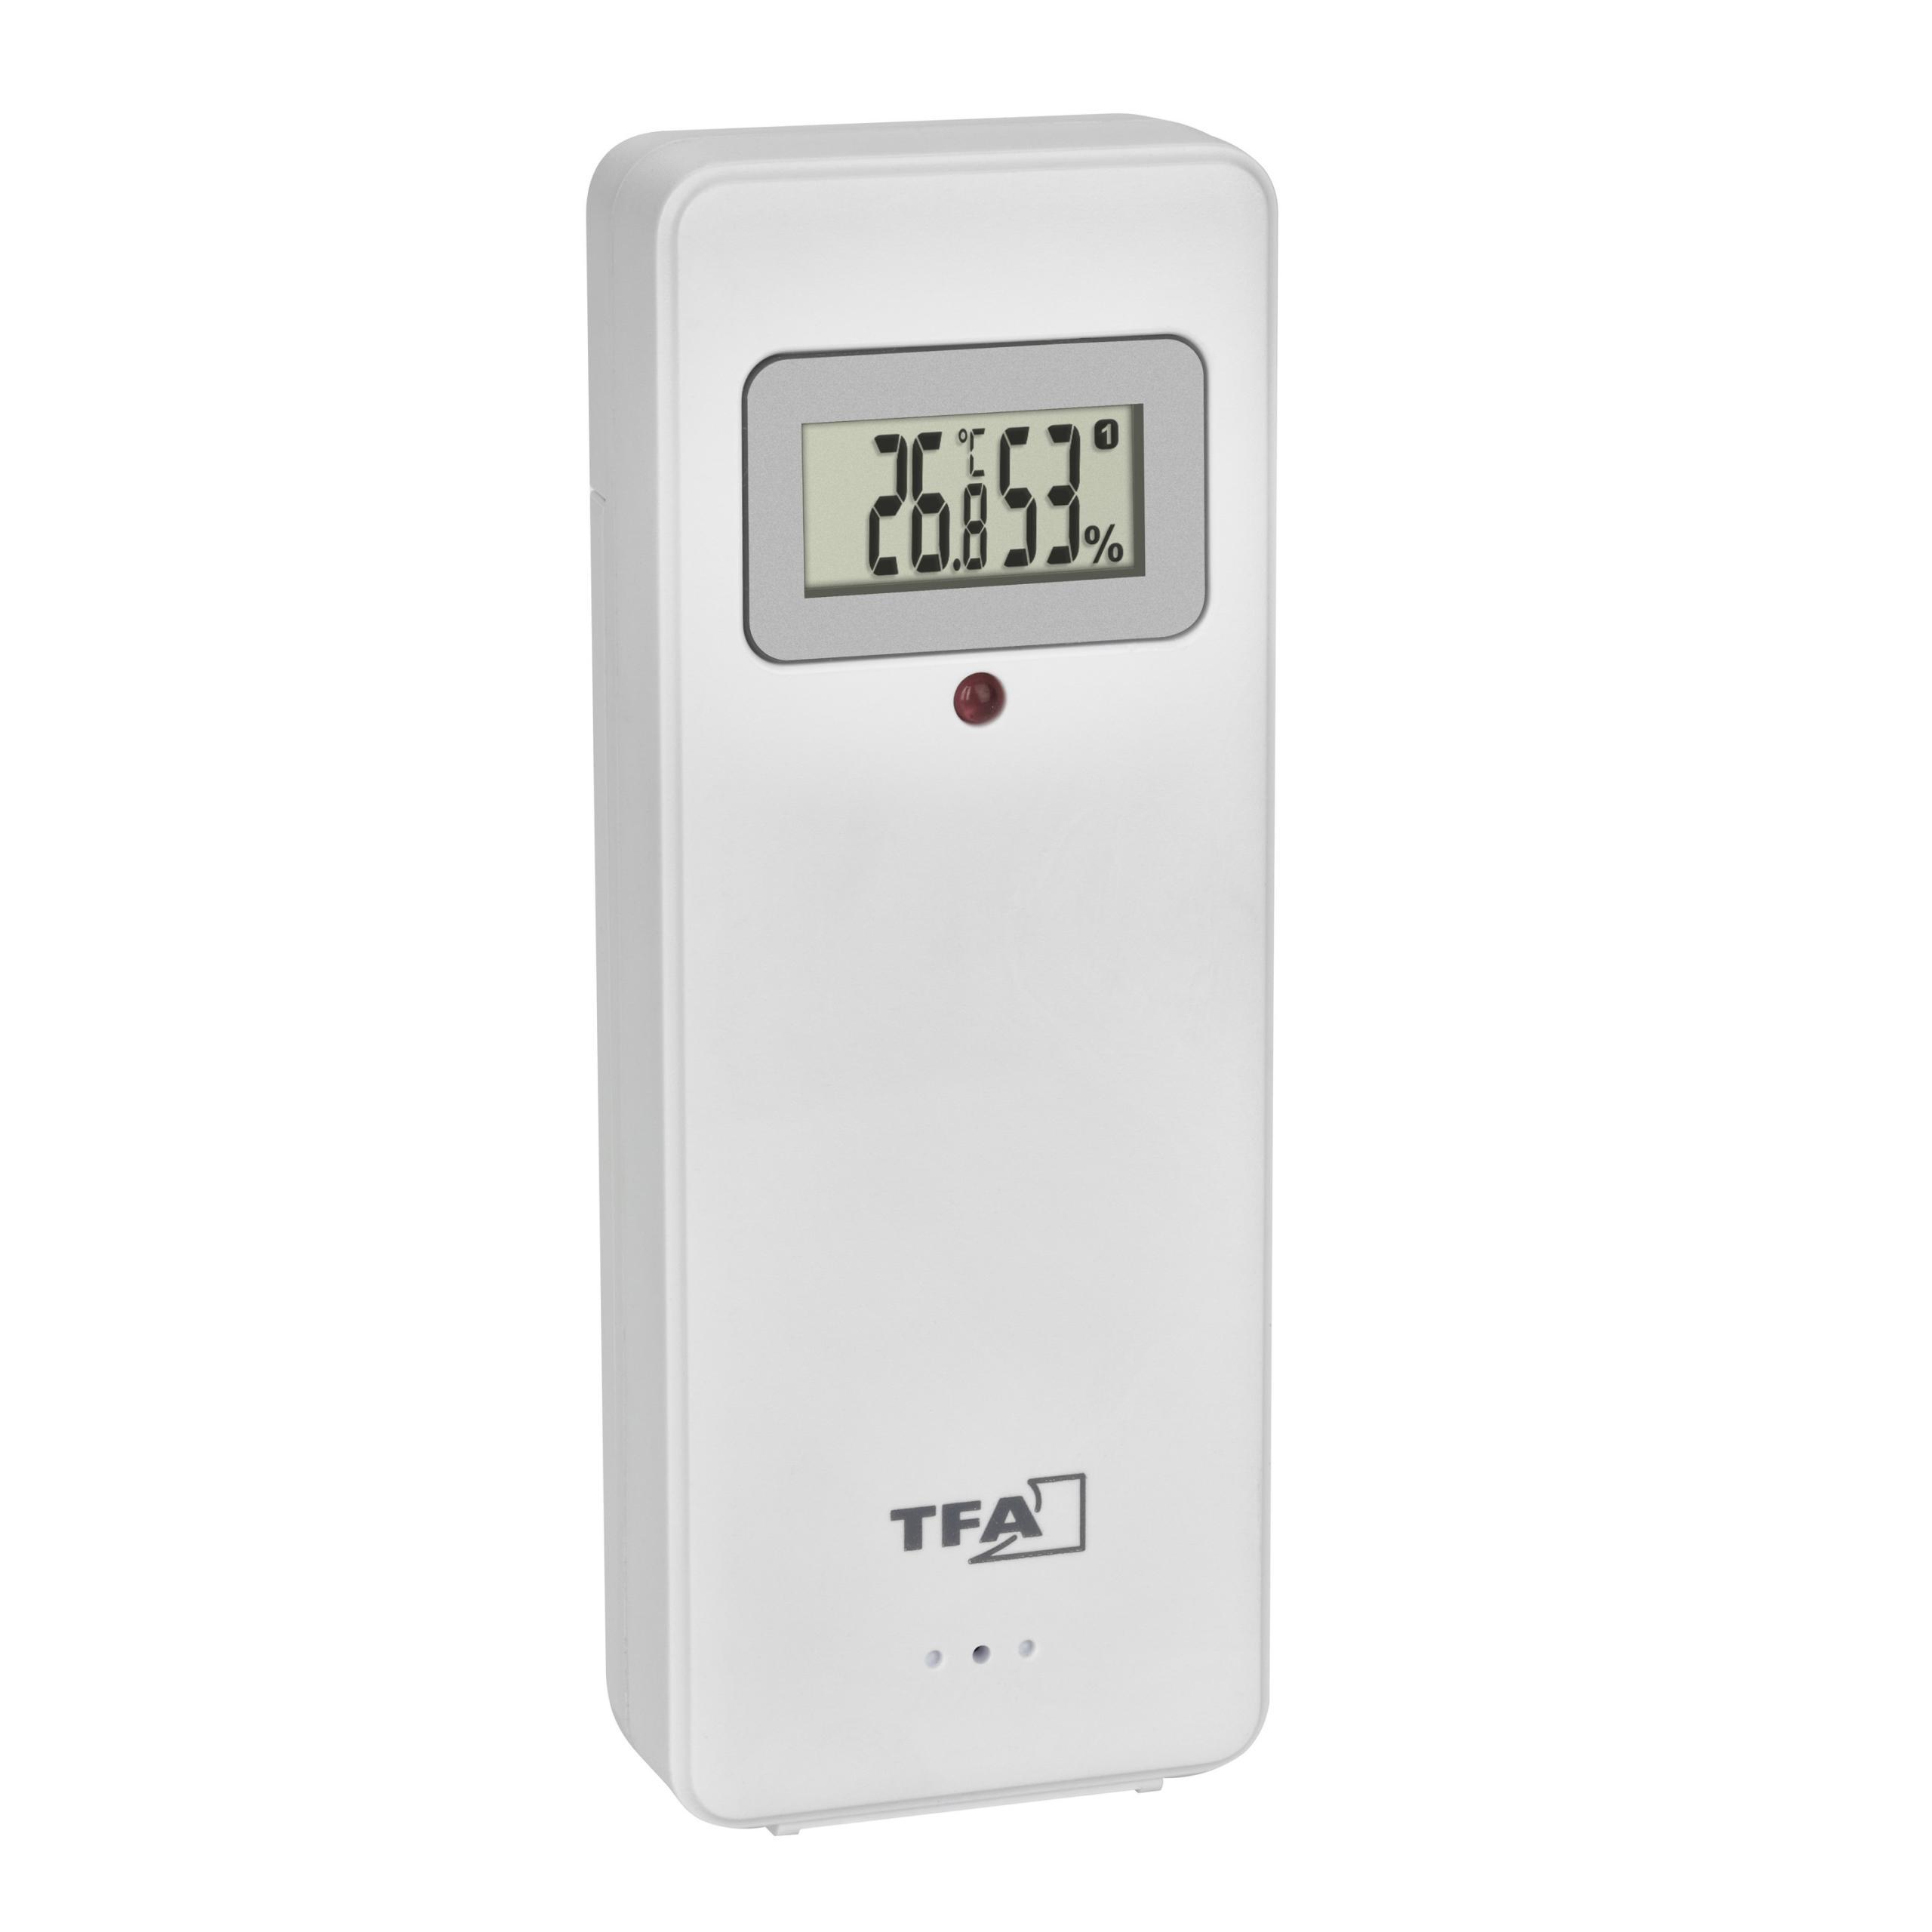 Bezdrátové čidlo teploty a vlhkosti TFA 30.3247.02